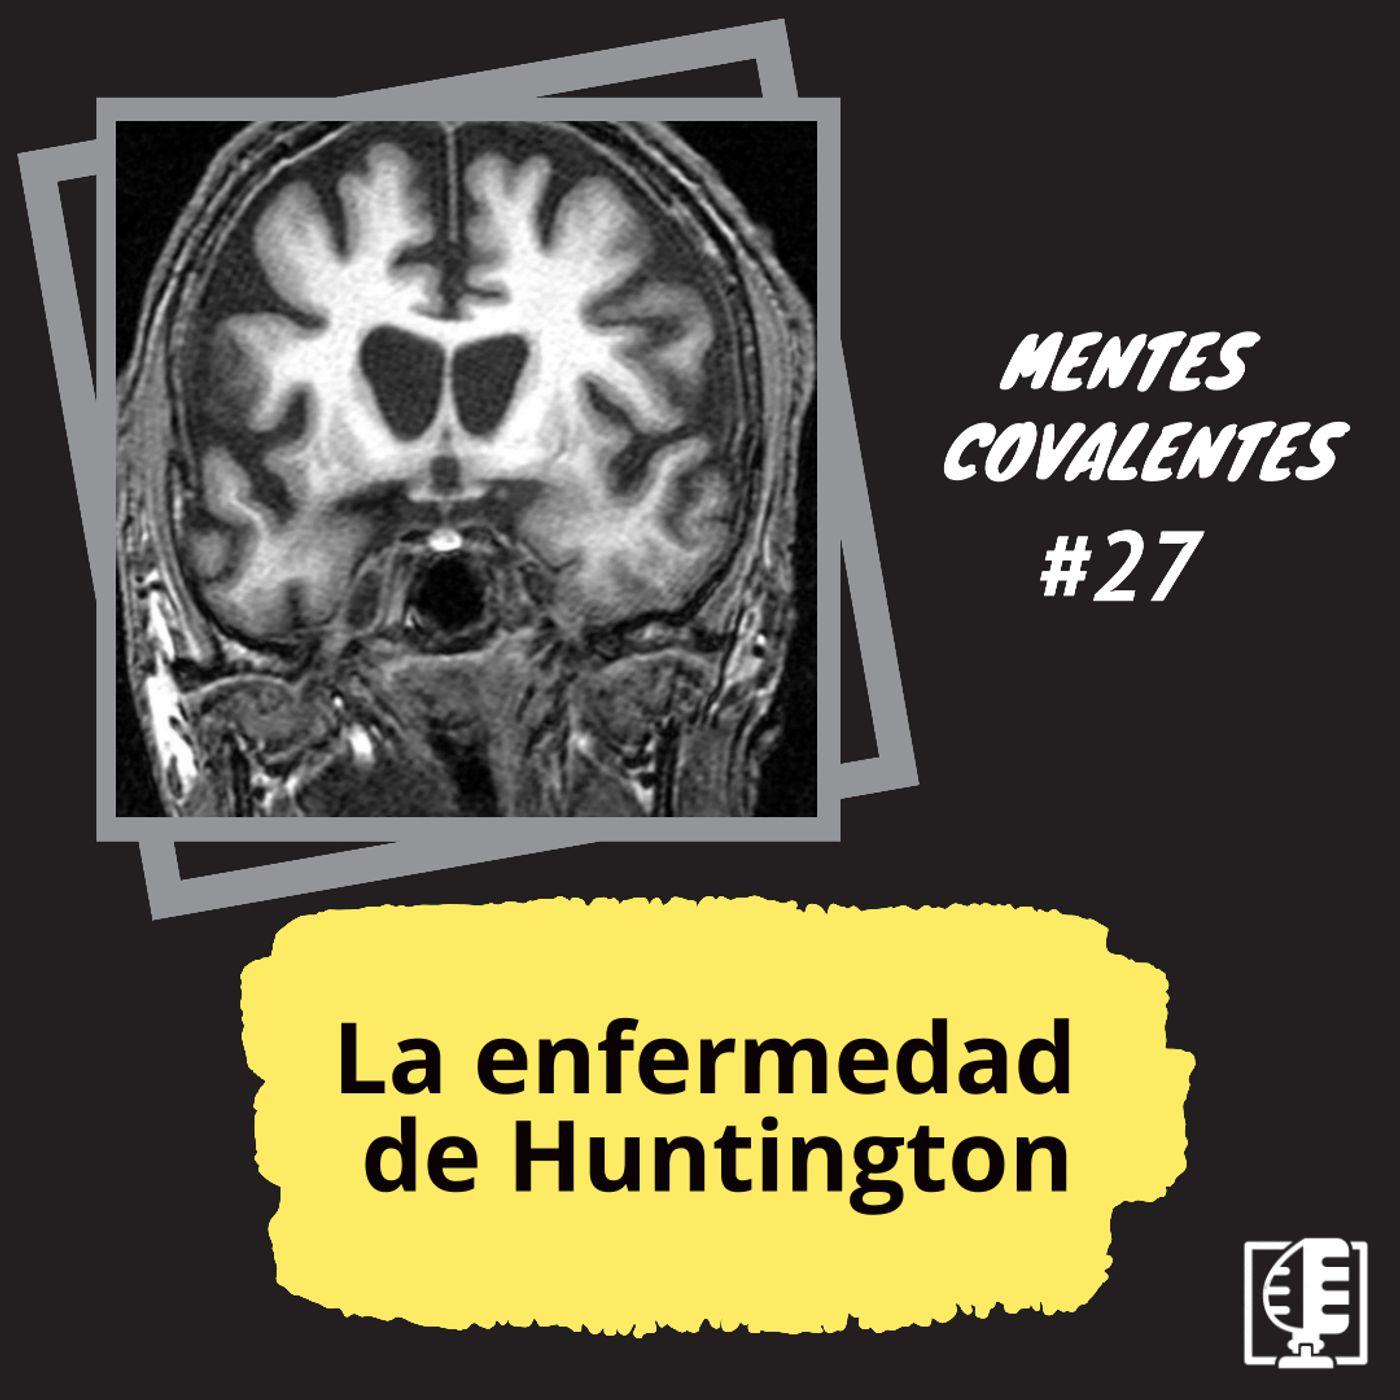 La enfermedad de Huntington  | Mentes Covalentes #27